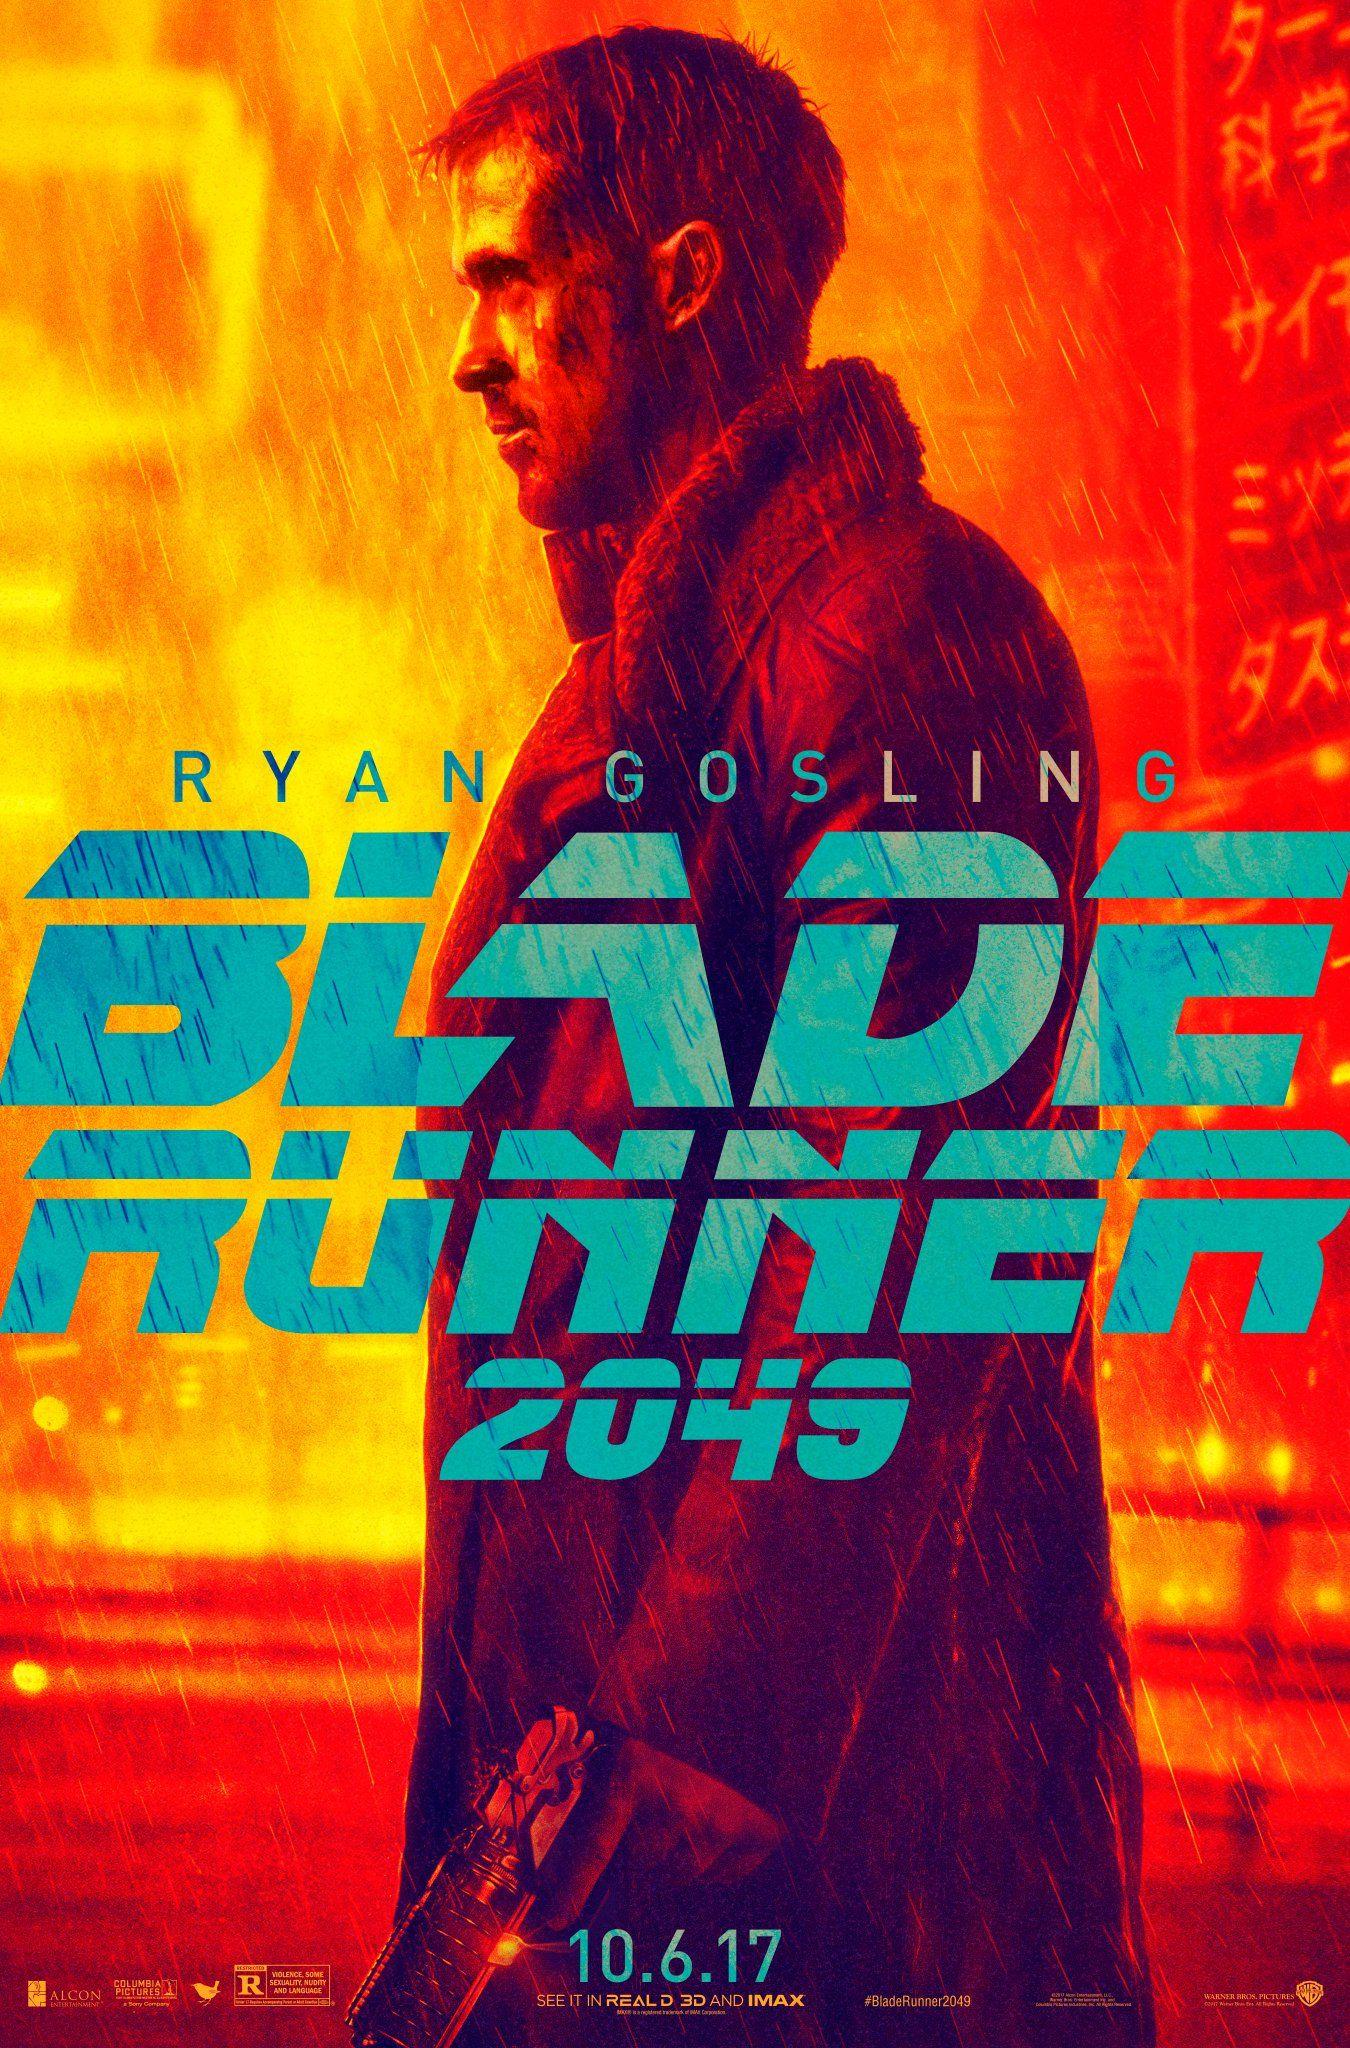 blade runner 2049 starring ryan